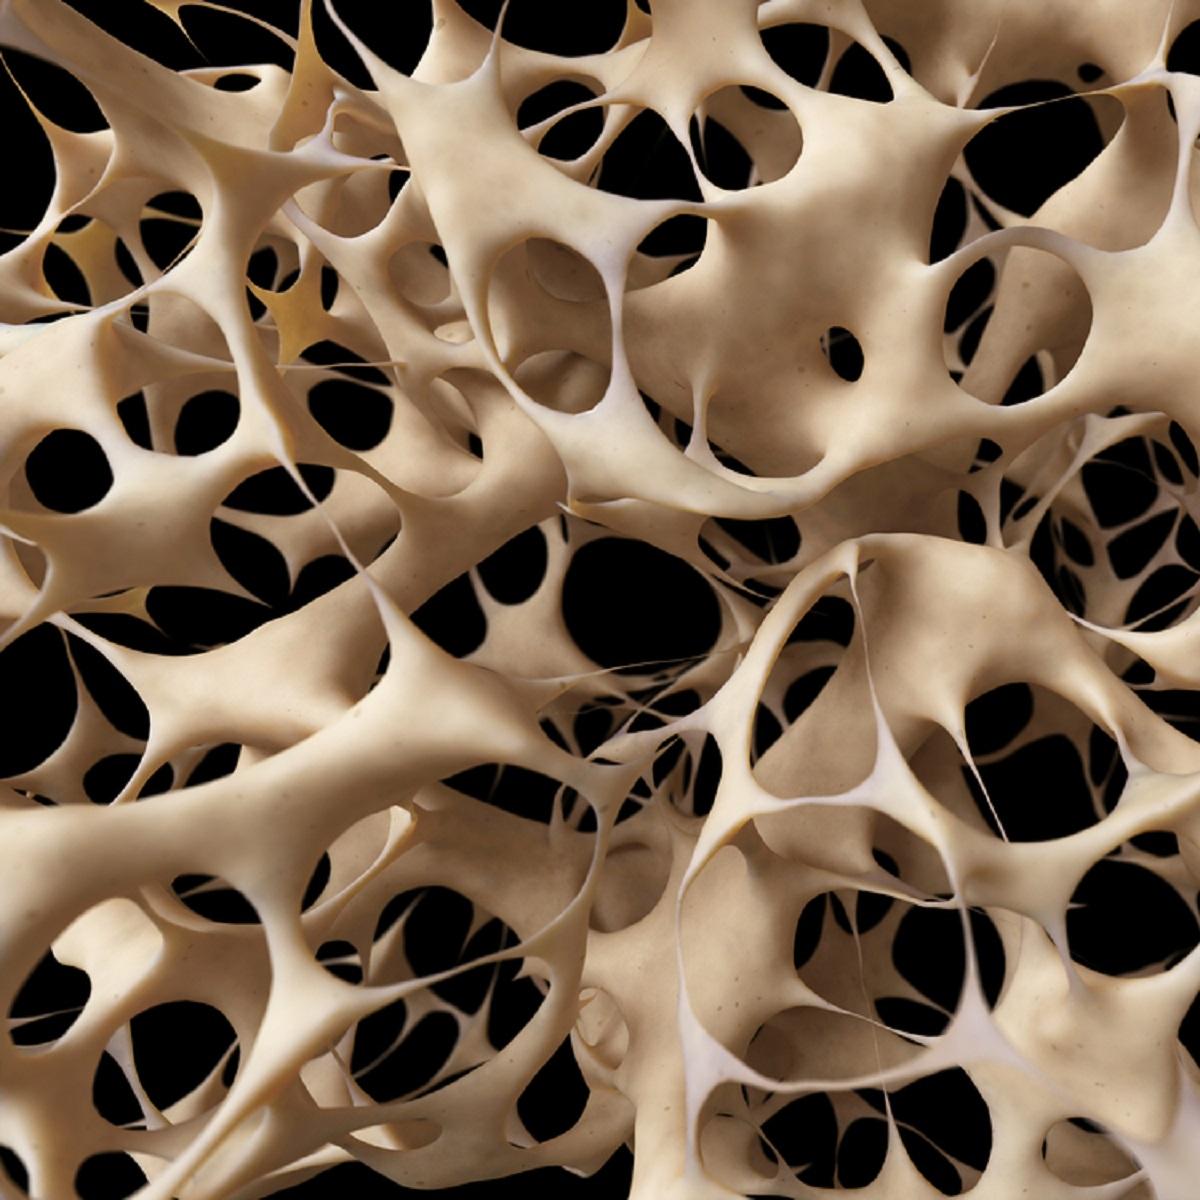 OSTEOPOROOS (OA) – sümptomid, põhjused, riskigrupid, ennetus ja ravi